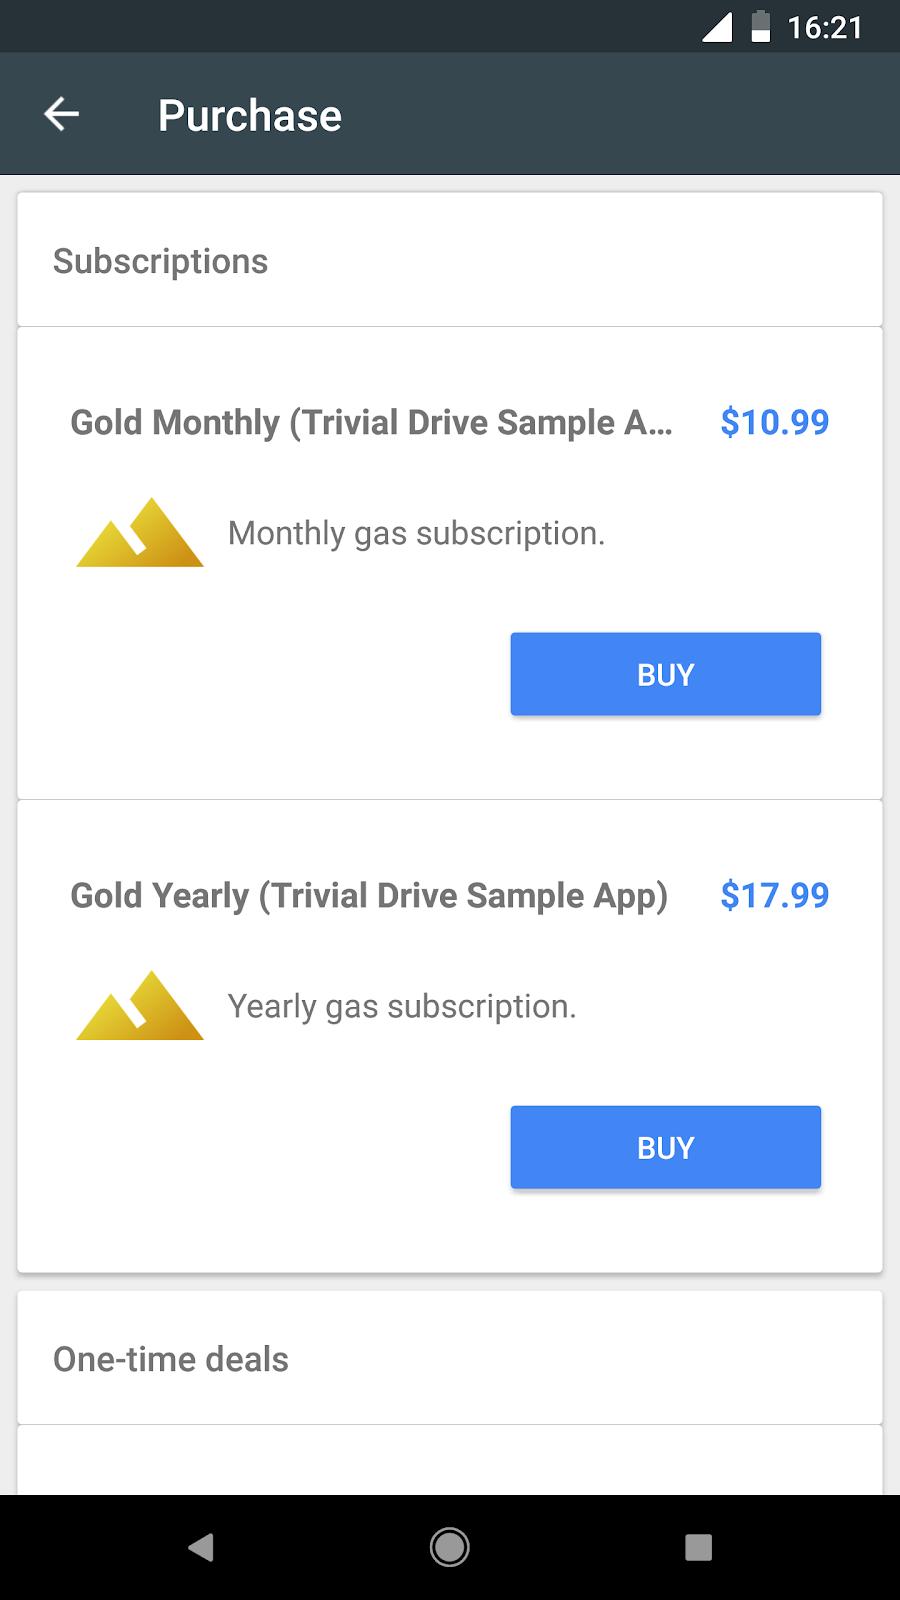 aplikasi ini berisi dua tingkat langganan